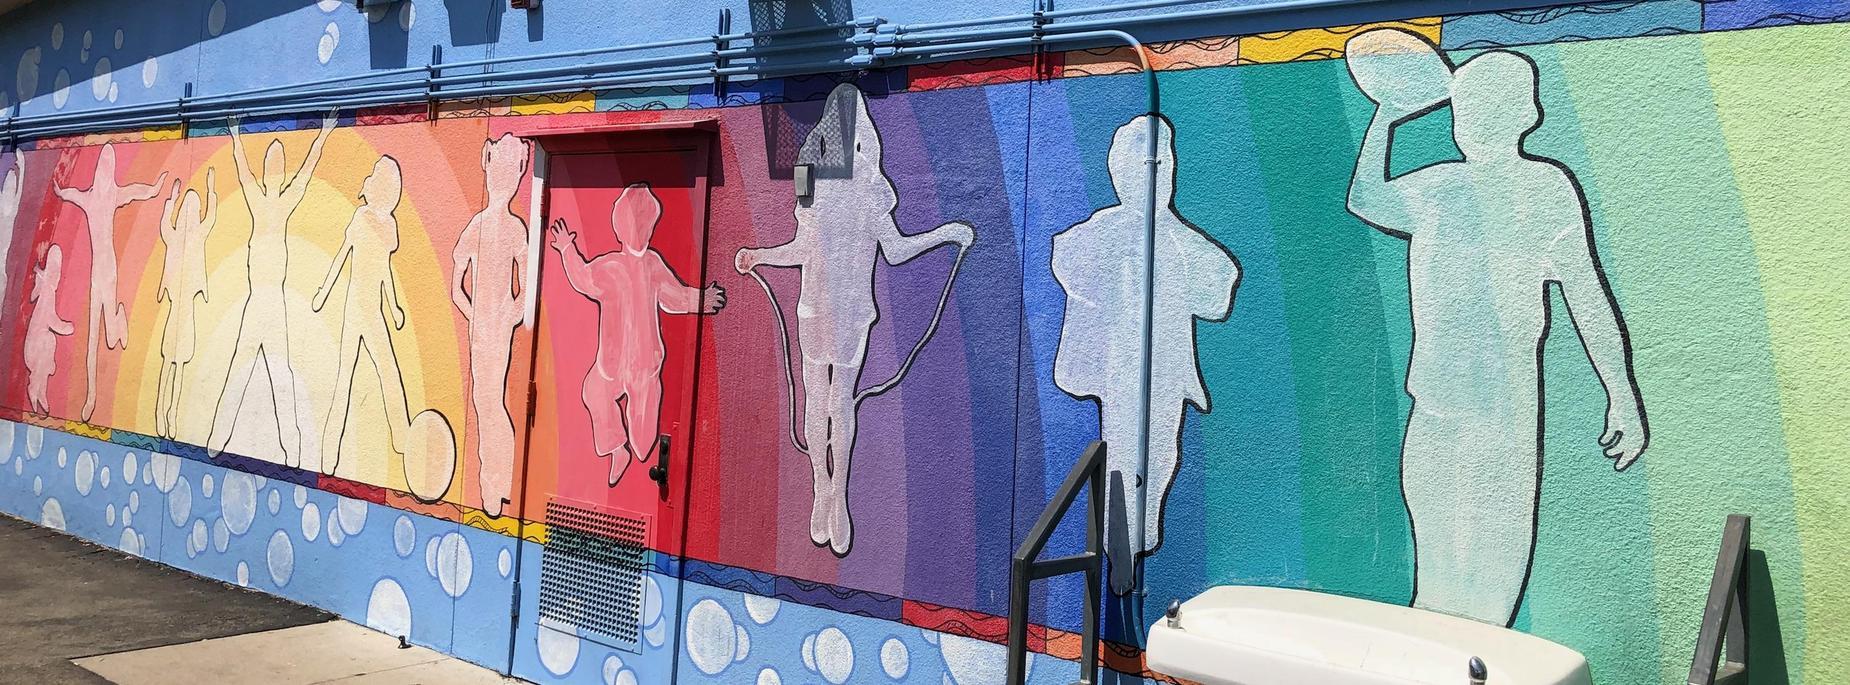 andasol yard mural